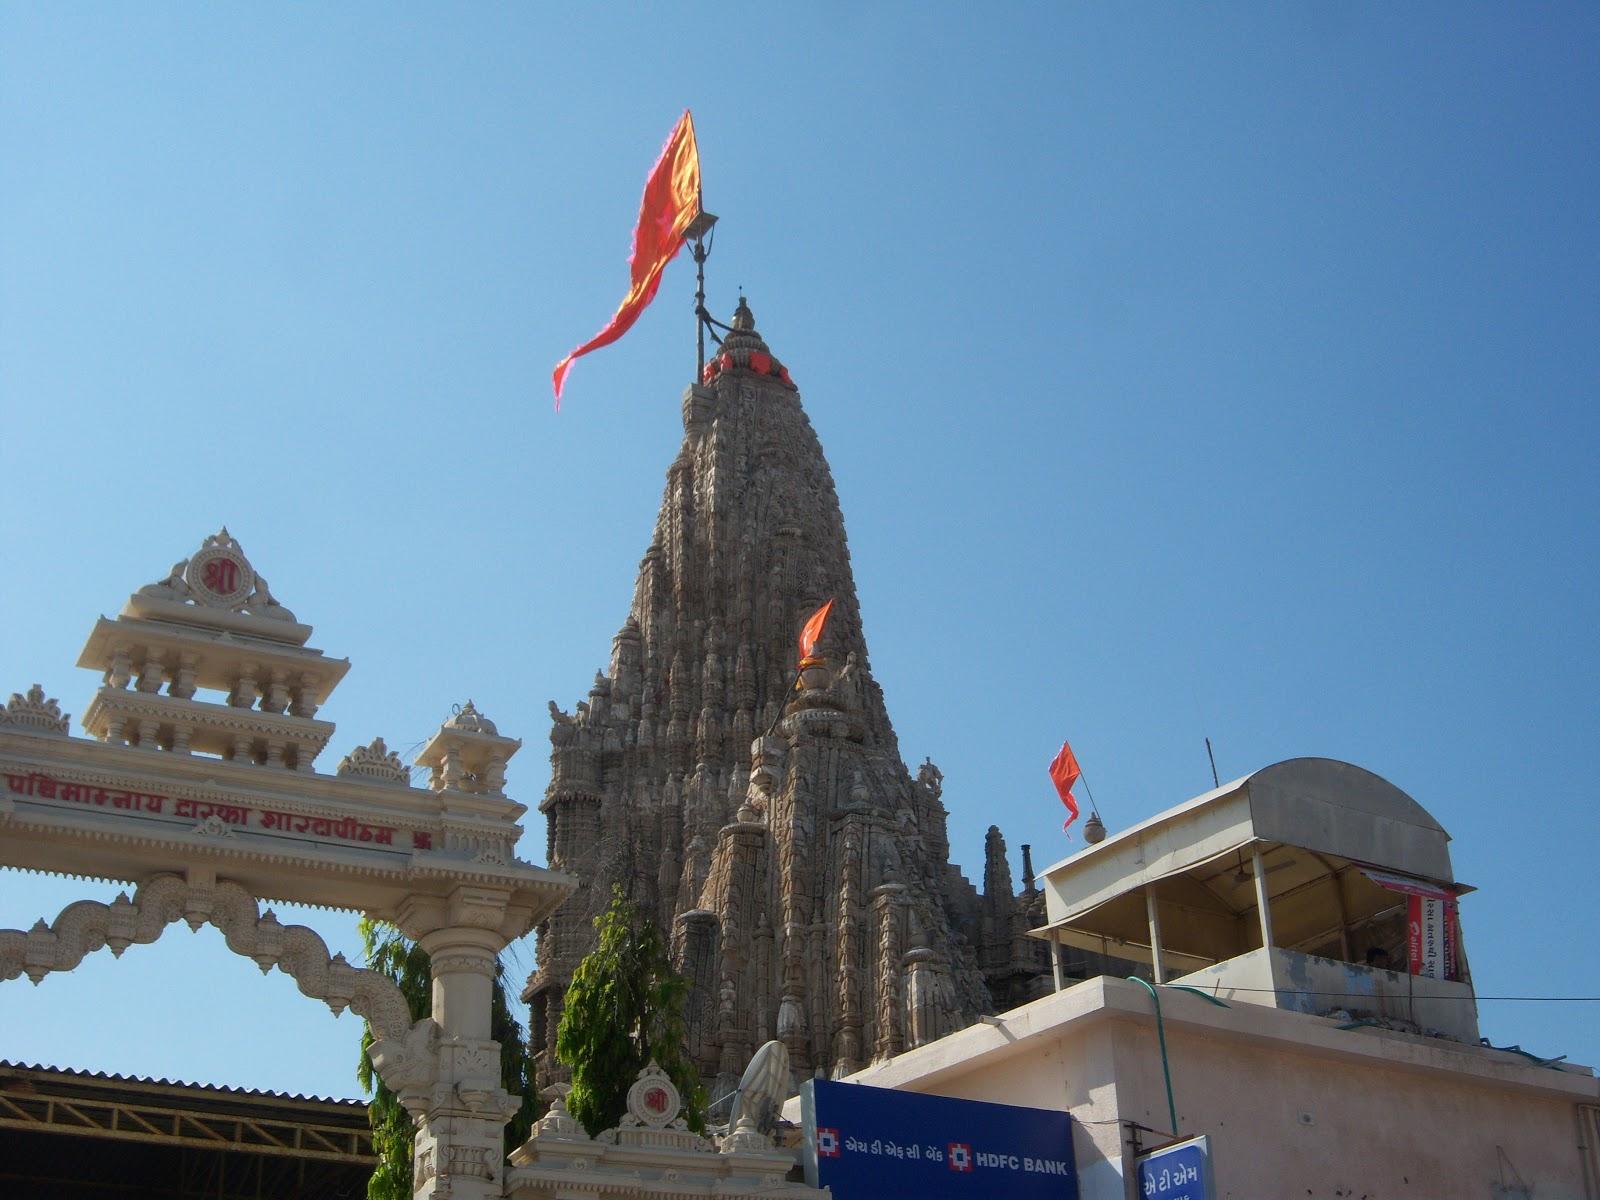 dwarakadhishsri krishna temple in dev bhumi dwaraka